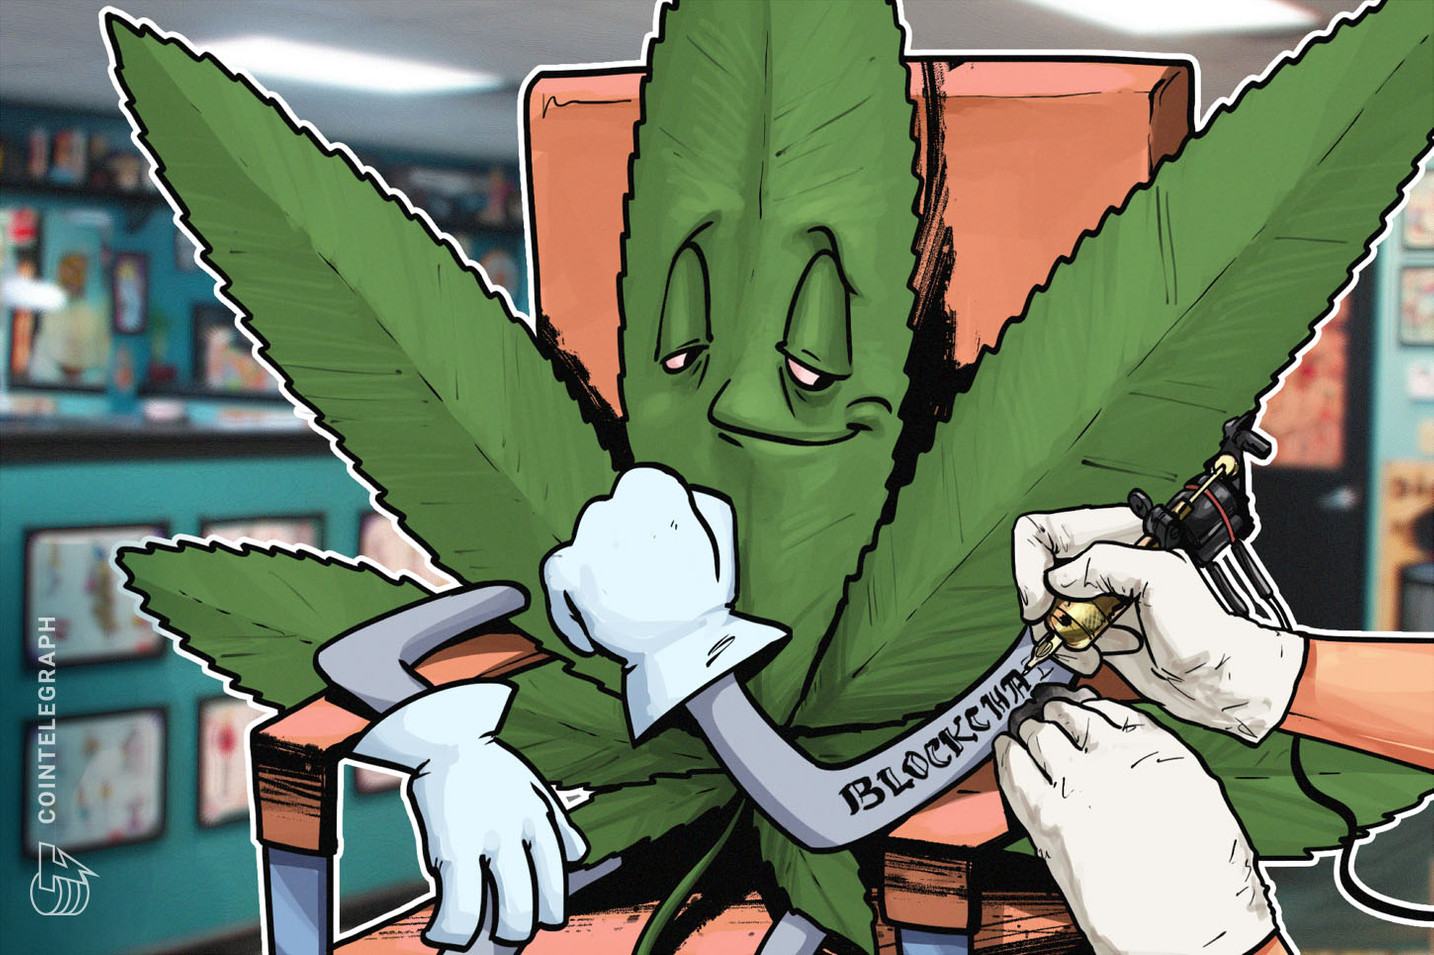 Kanada: Blockchain-Plattform für Cannabis-Lieferkette